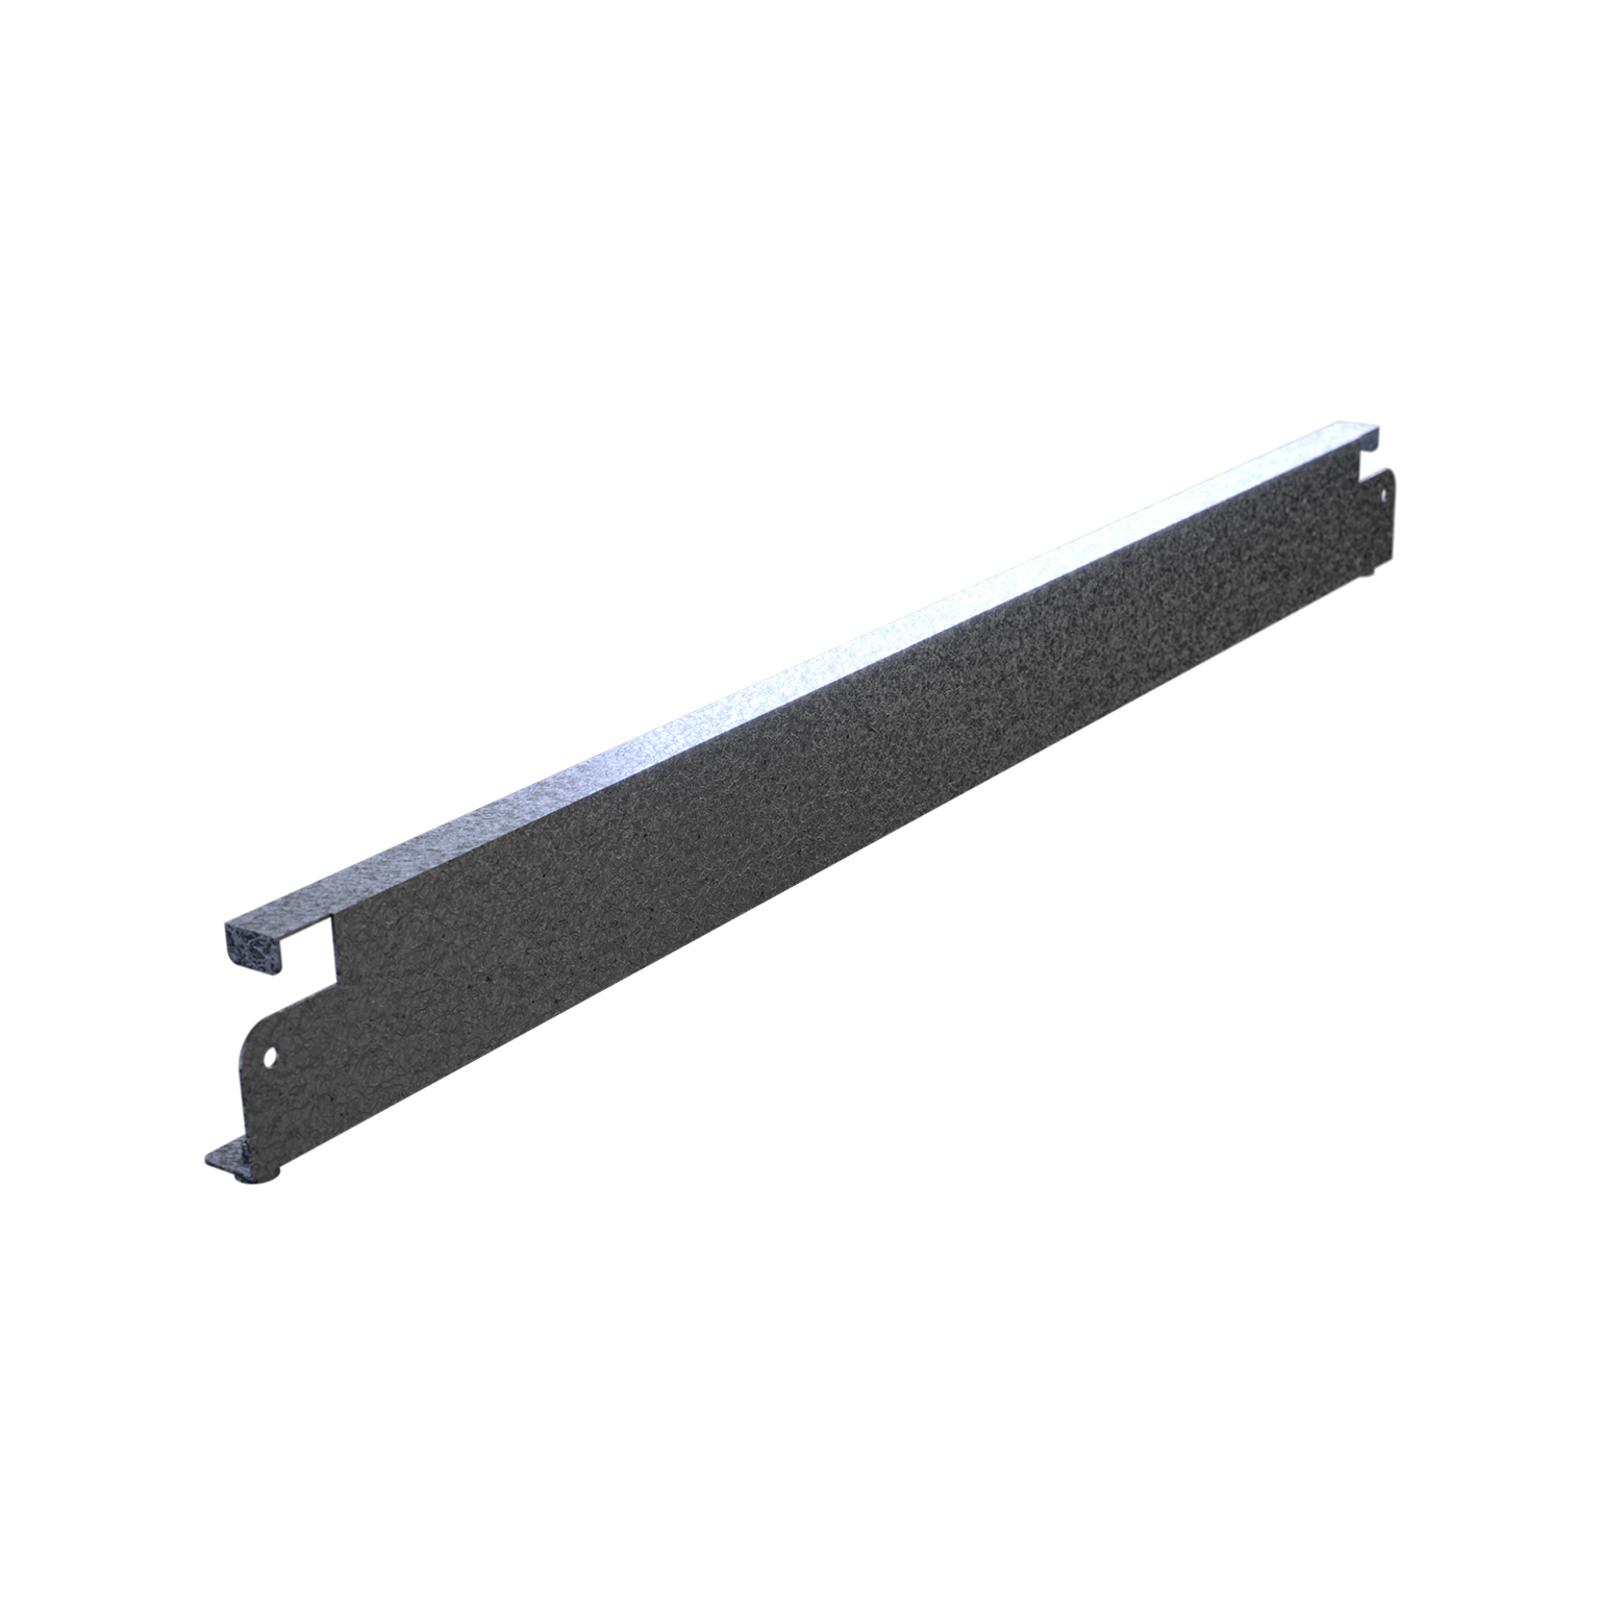 Rack It 1000KG Shelf Support Brace (for 2464mm Beams)